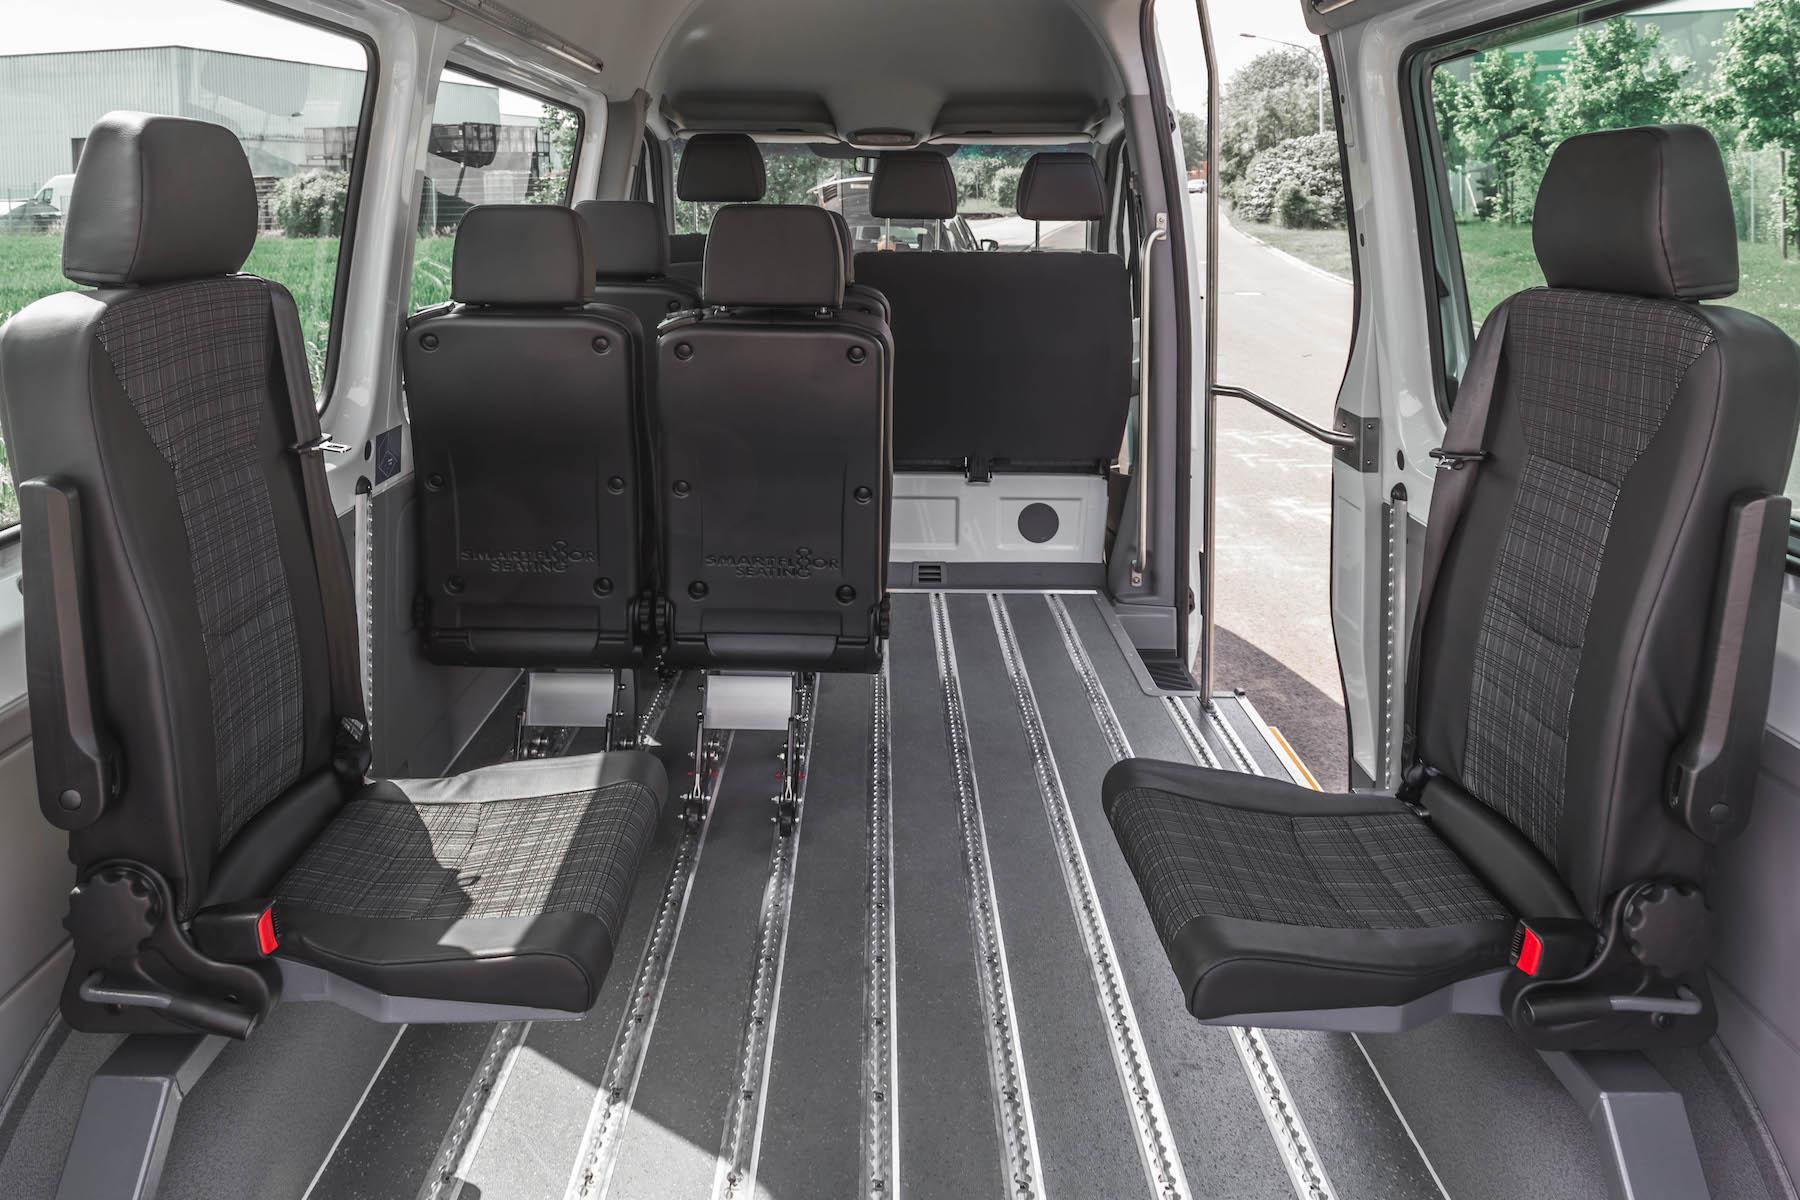 Indeling bus & stoelen smartfloor 3551 kopie